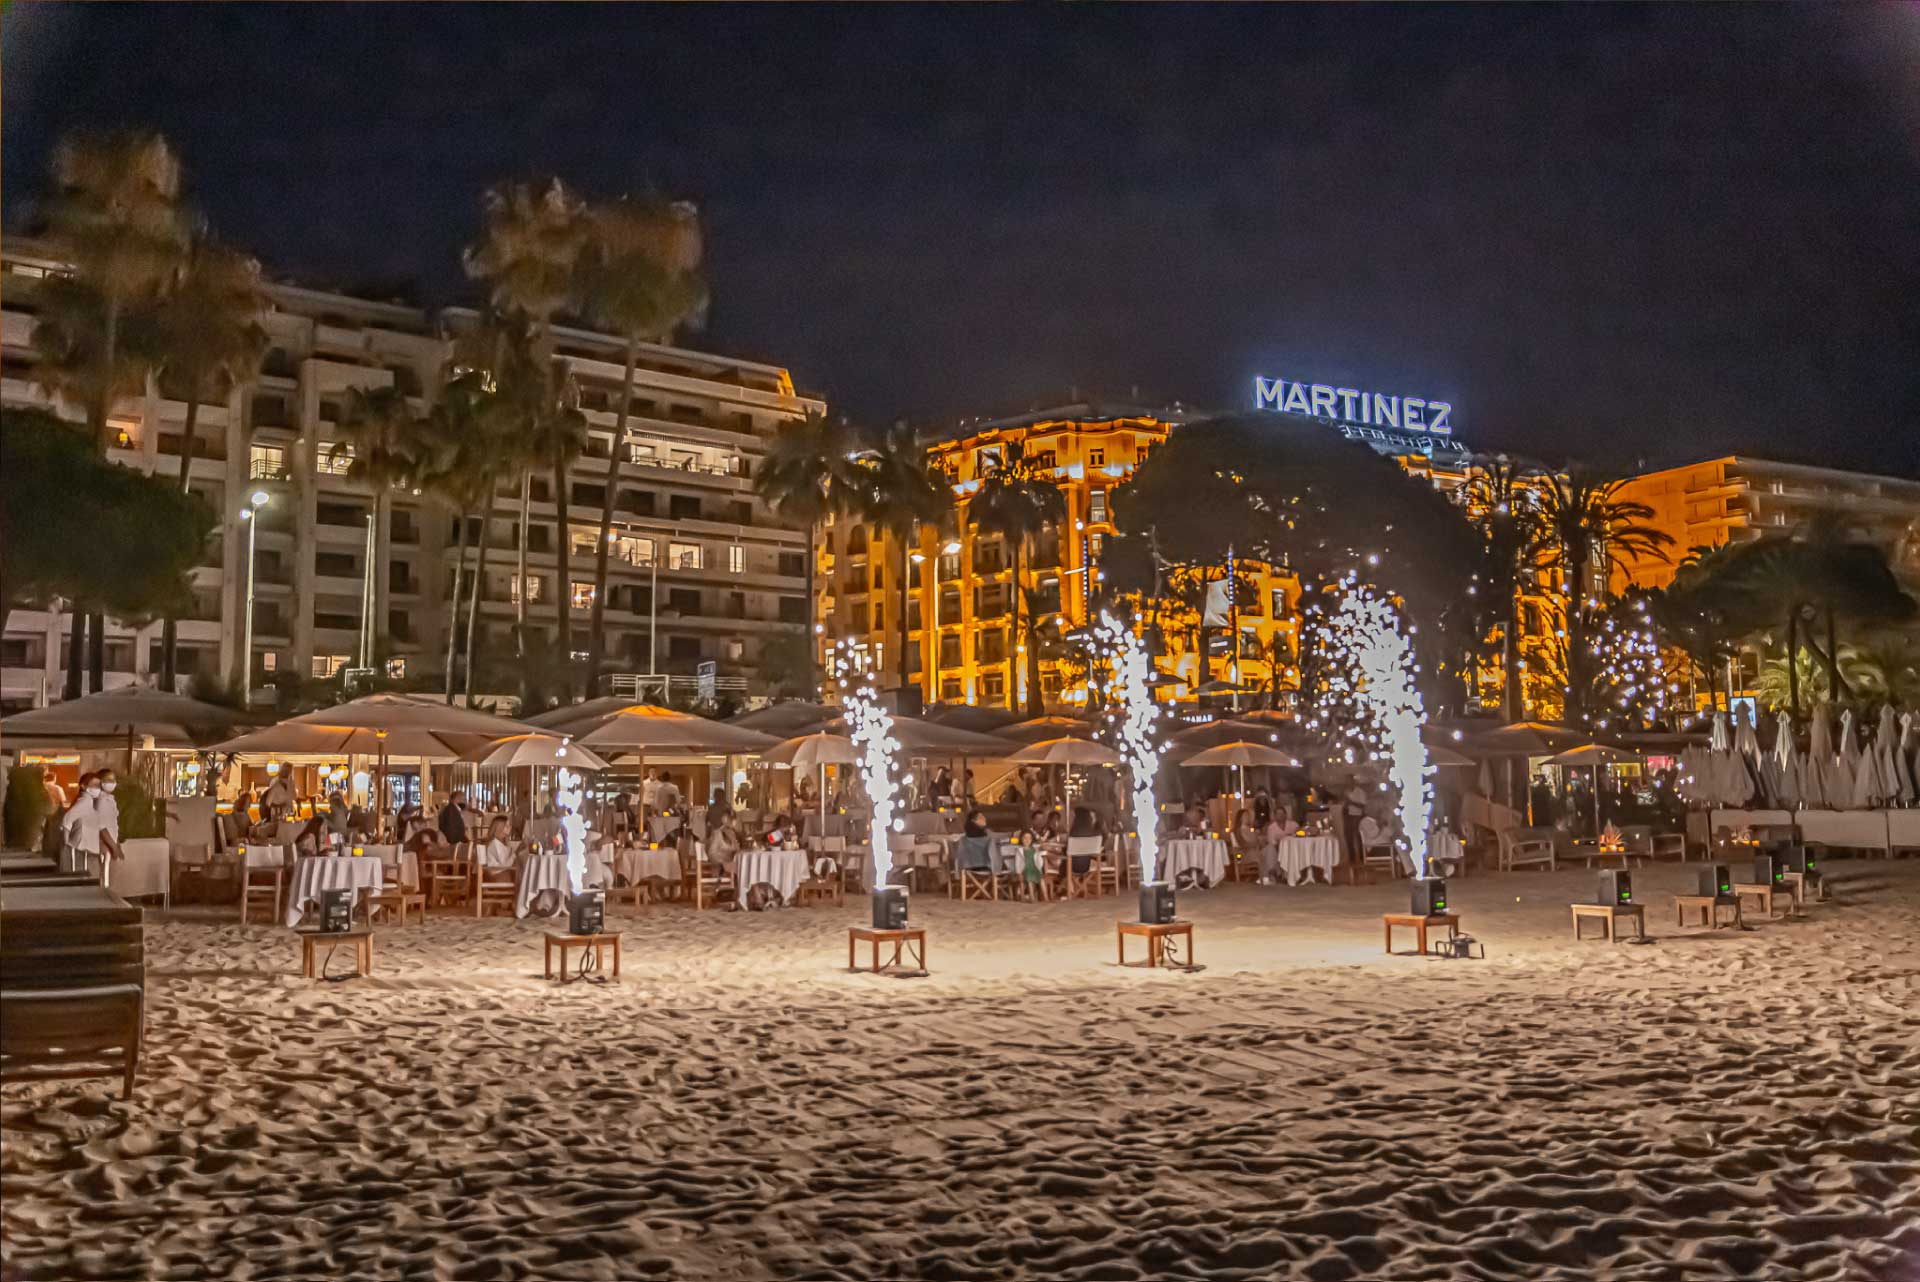 Miramar-plage-restaurant-gastronomique-cannes-soiree-privee